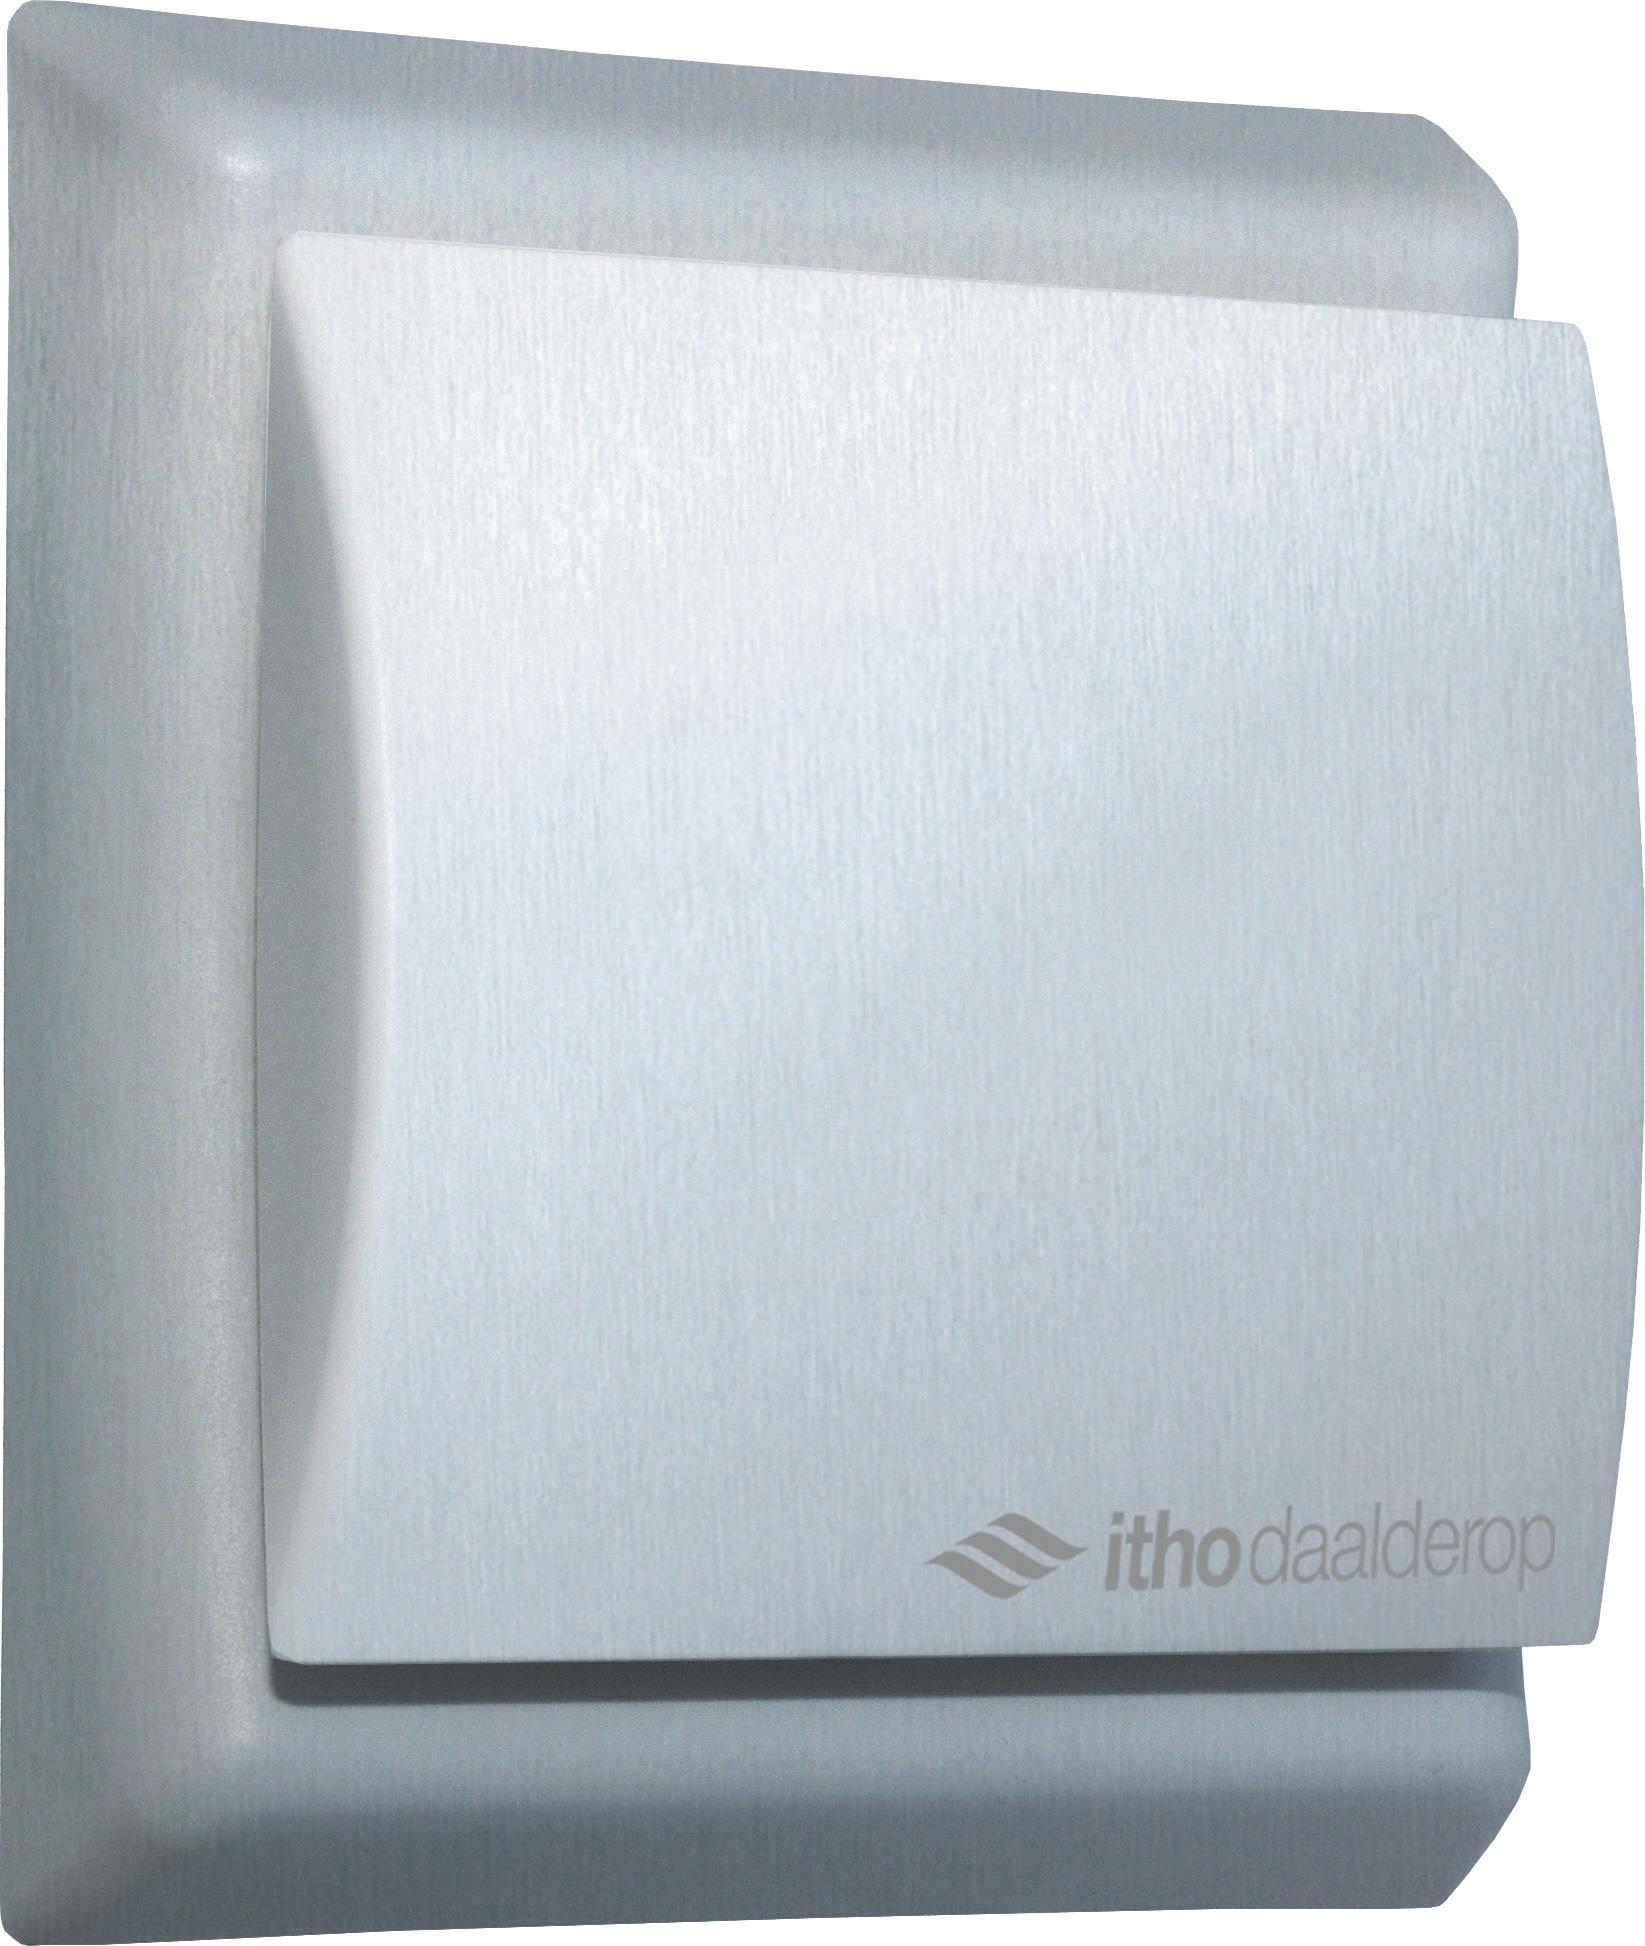 Badkamer ventilatie  Startpagina voor badkamer idee?n  UW badkamer